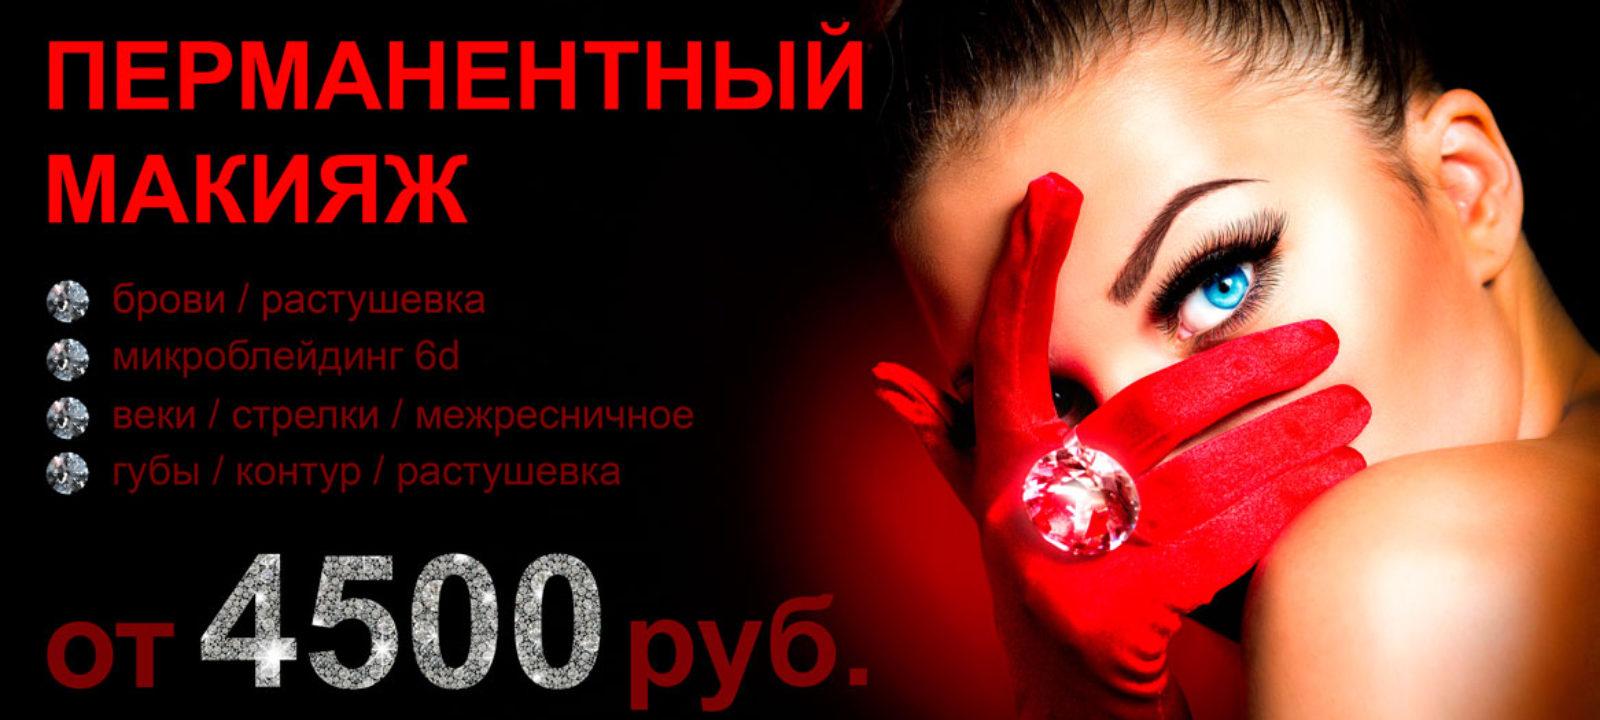 Перманентный макияж в СПб